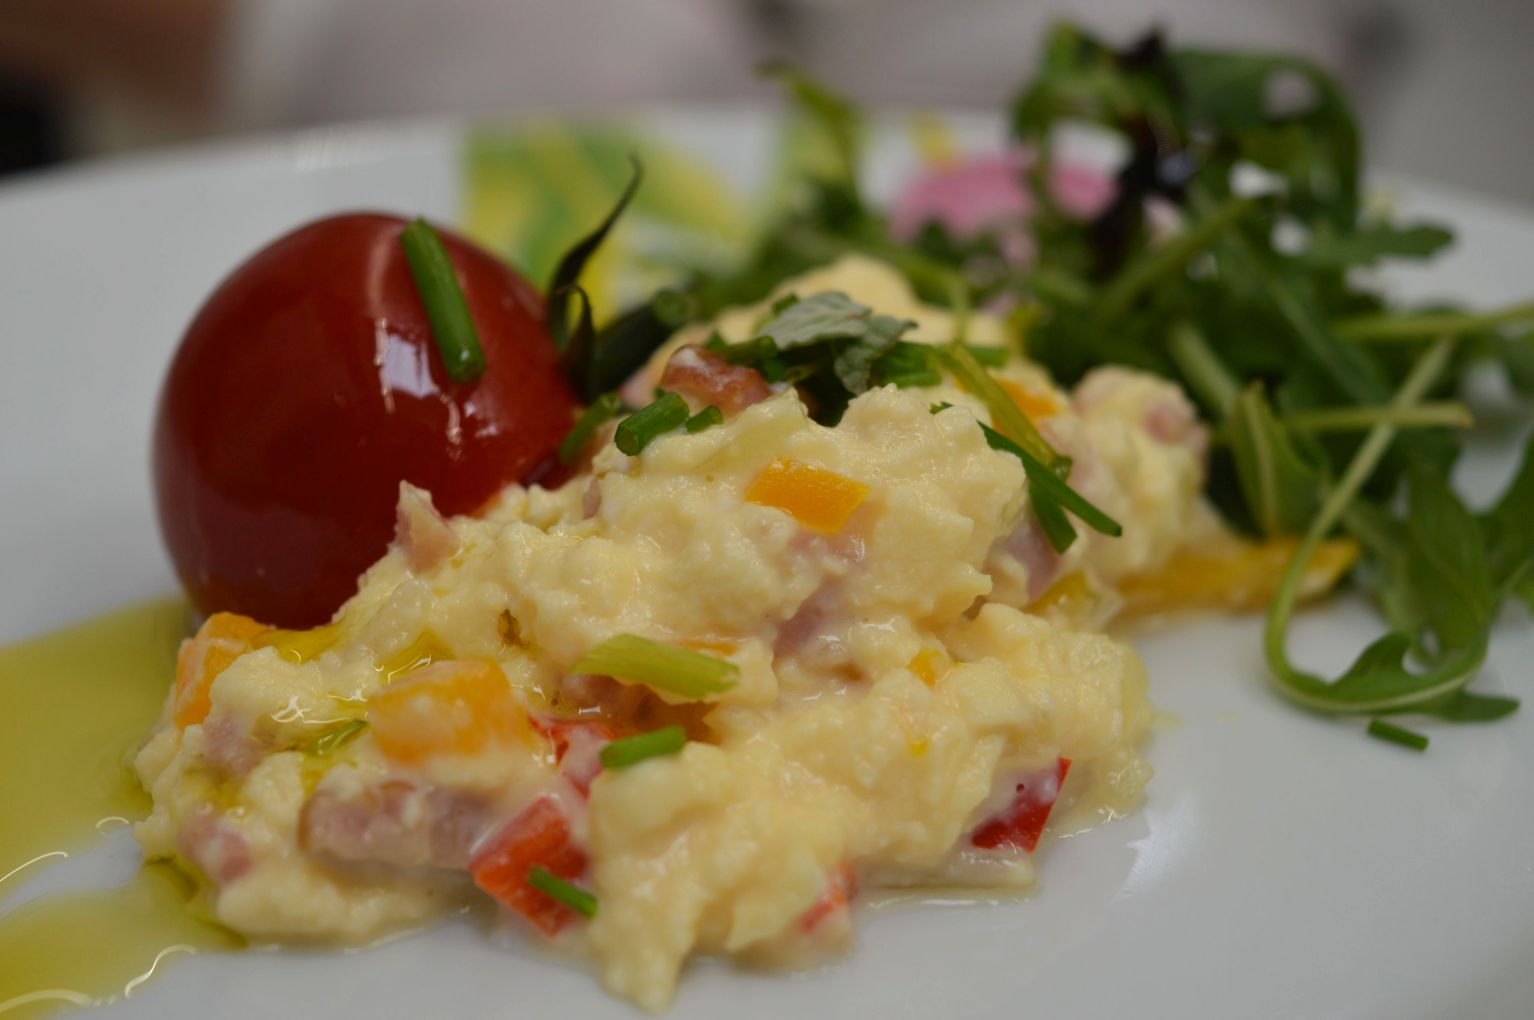 Atelier_Culinar_Sarbatoarea_Gustului_Carrefour_Vulcan_Chef_Cristina_Balan_21